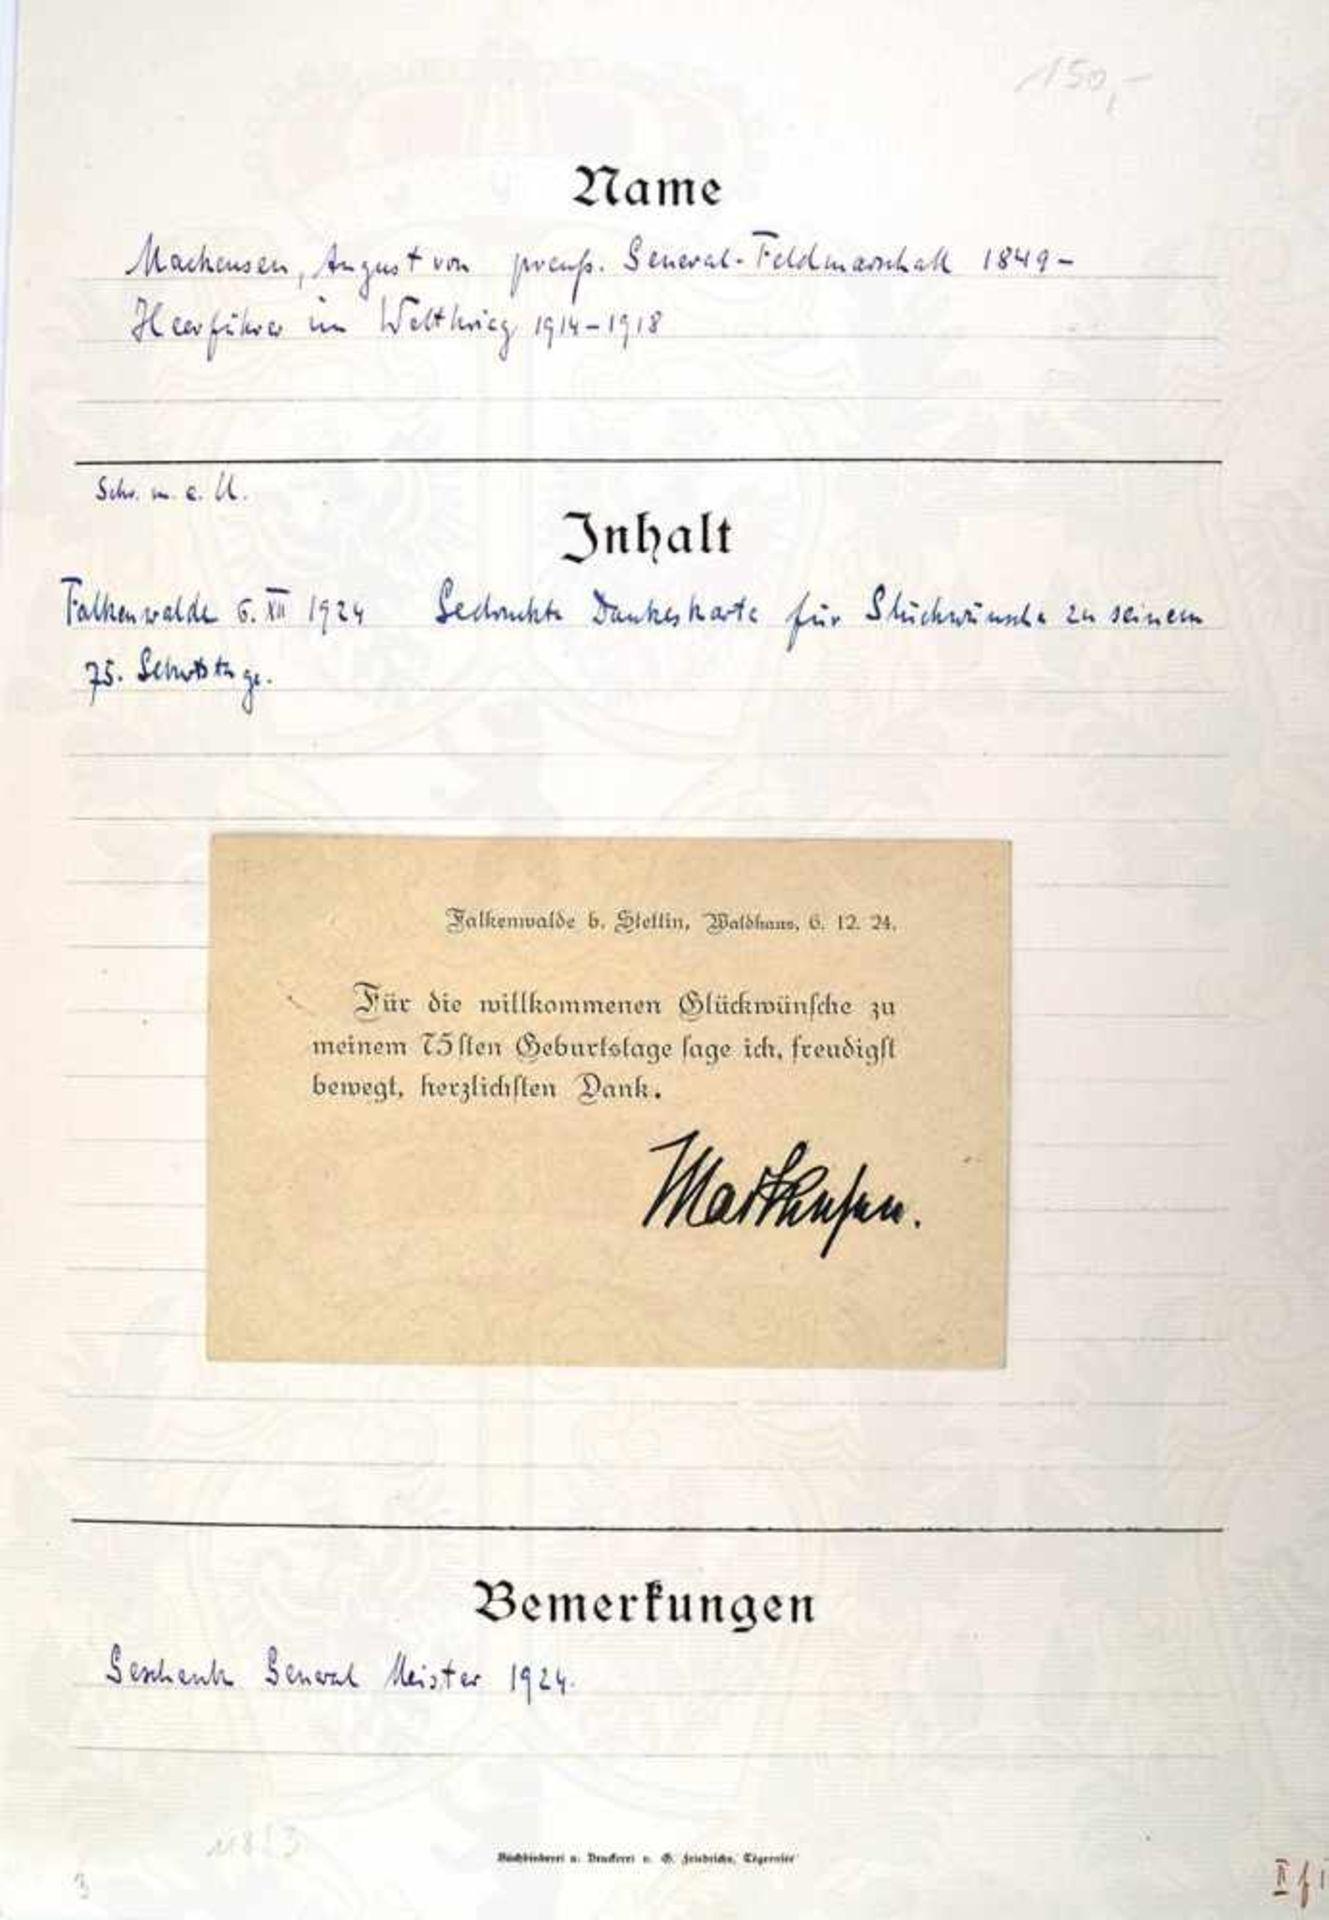 MACKENSEN, AUGUST VON, 1849-1945, Preußischer Generalfeldmarschall u. Heerführer im 1. WK, Tinten OU